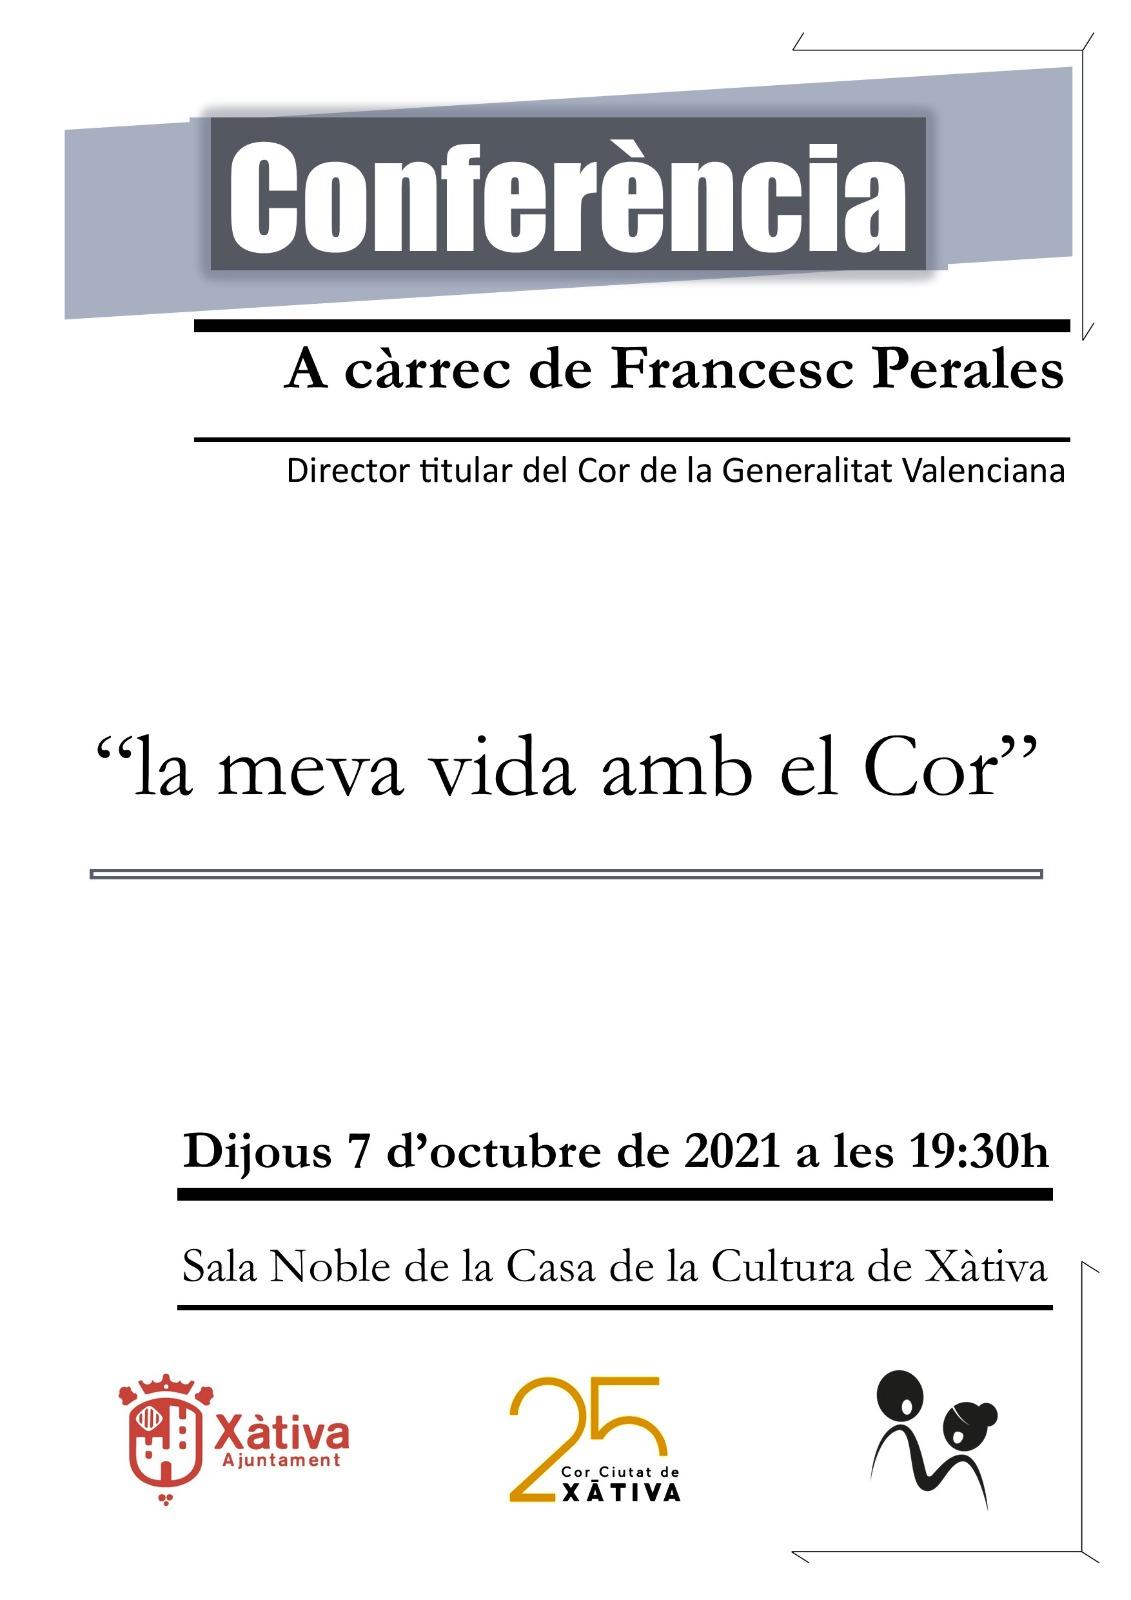 conferència Francesc Perales